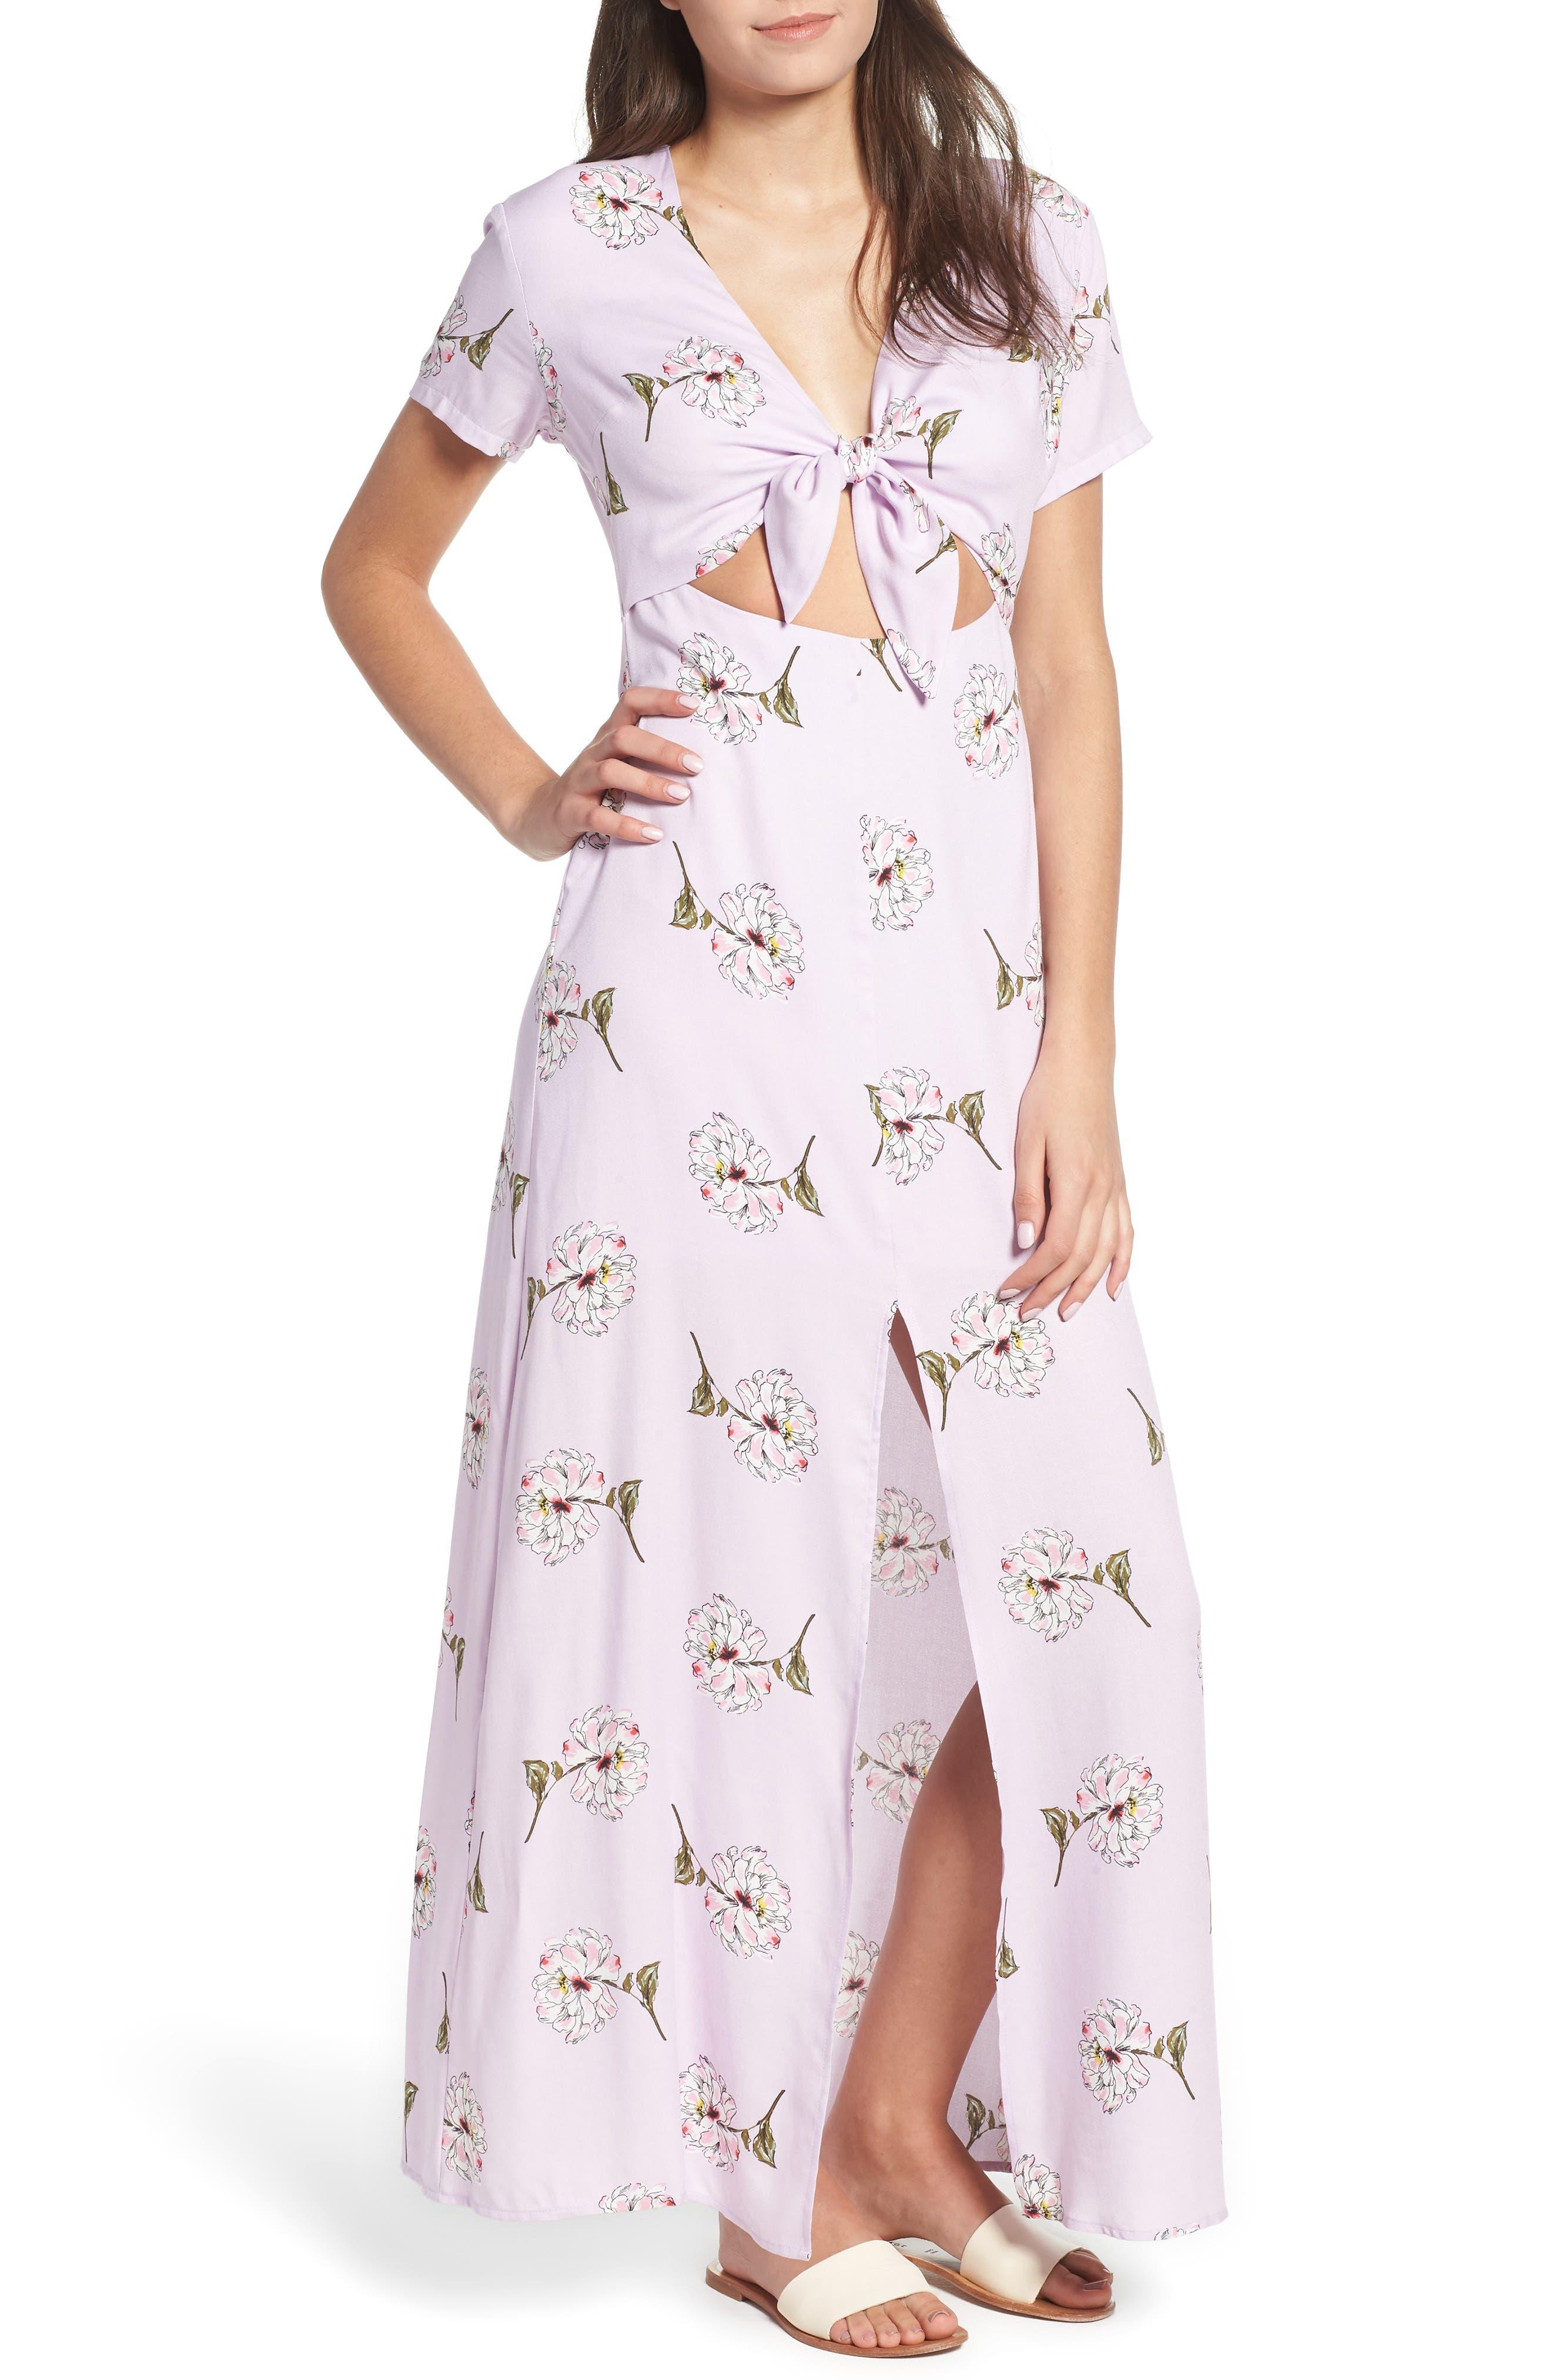 Cutout Tie Front Maxi Dress,                             Main thumbnail 1, color,                             Lavender Floral